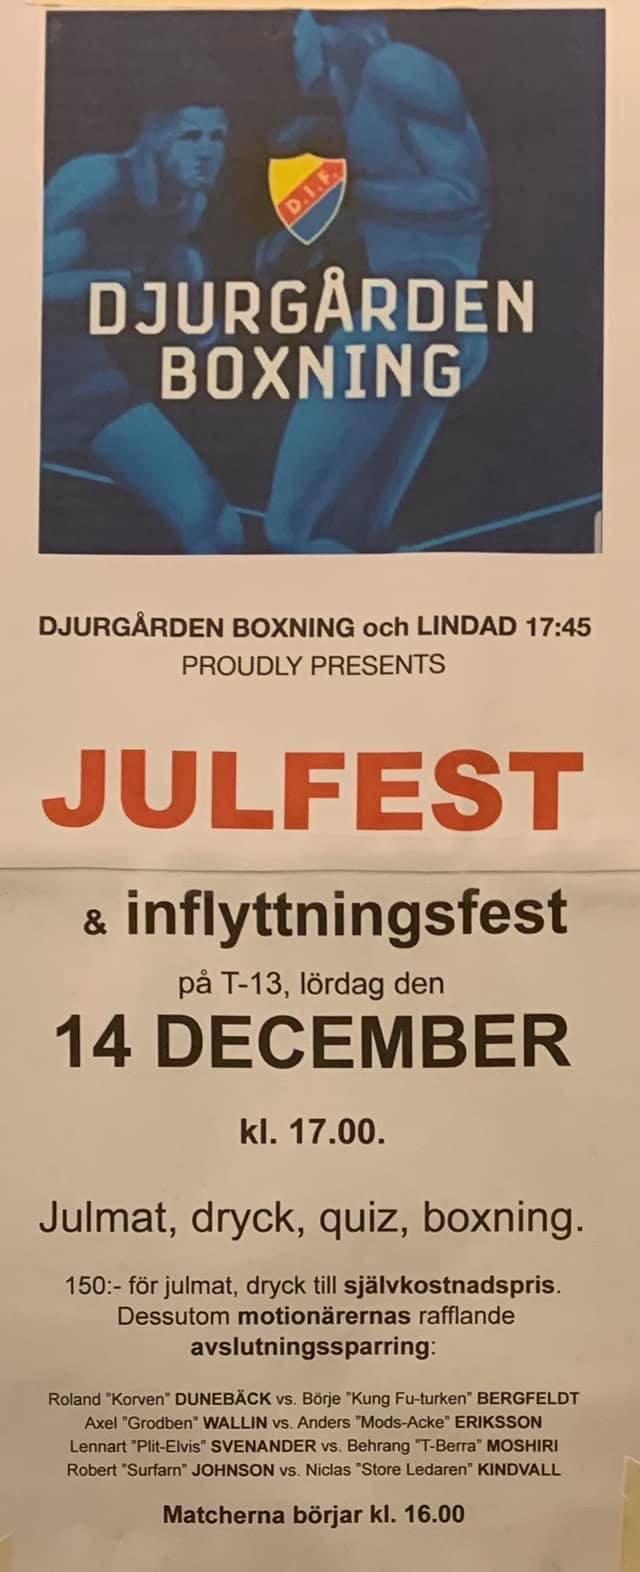 Anmälningstiden till Djurgården Boxning går snart ut.